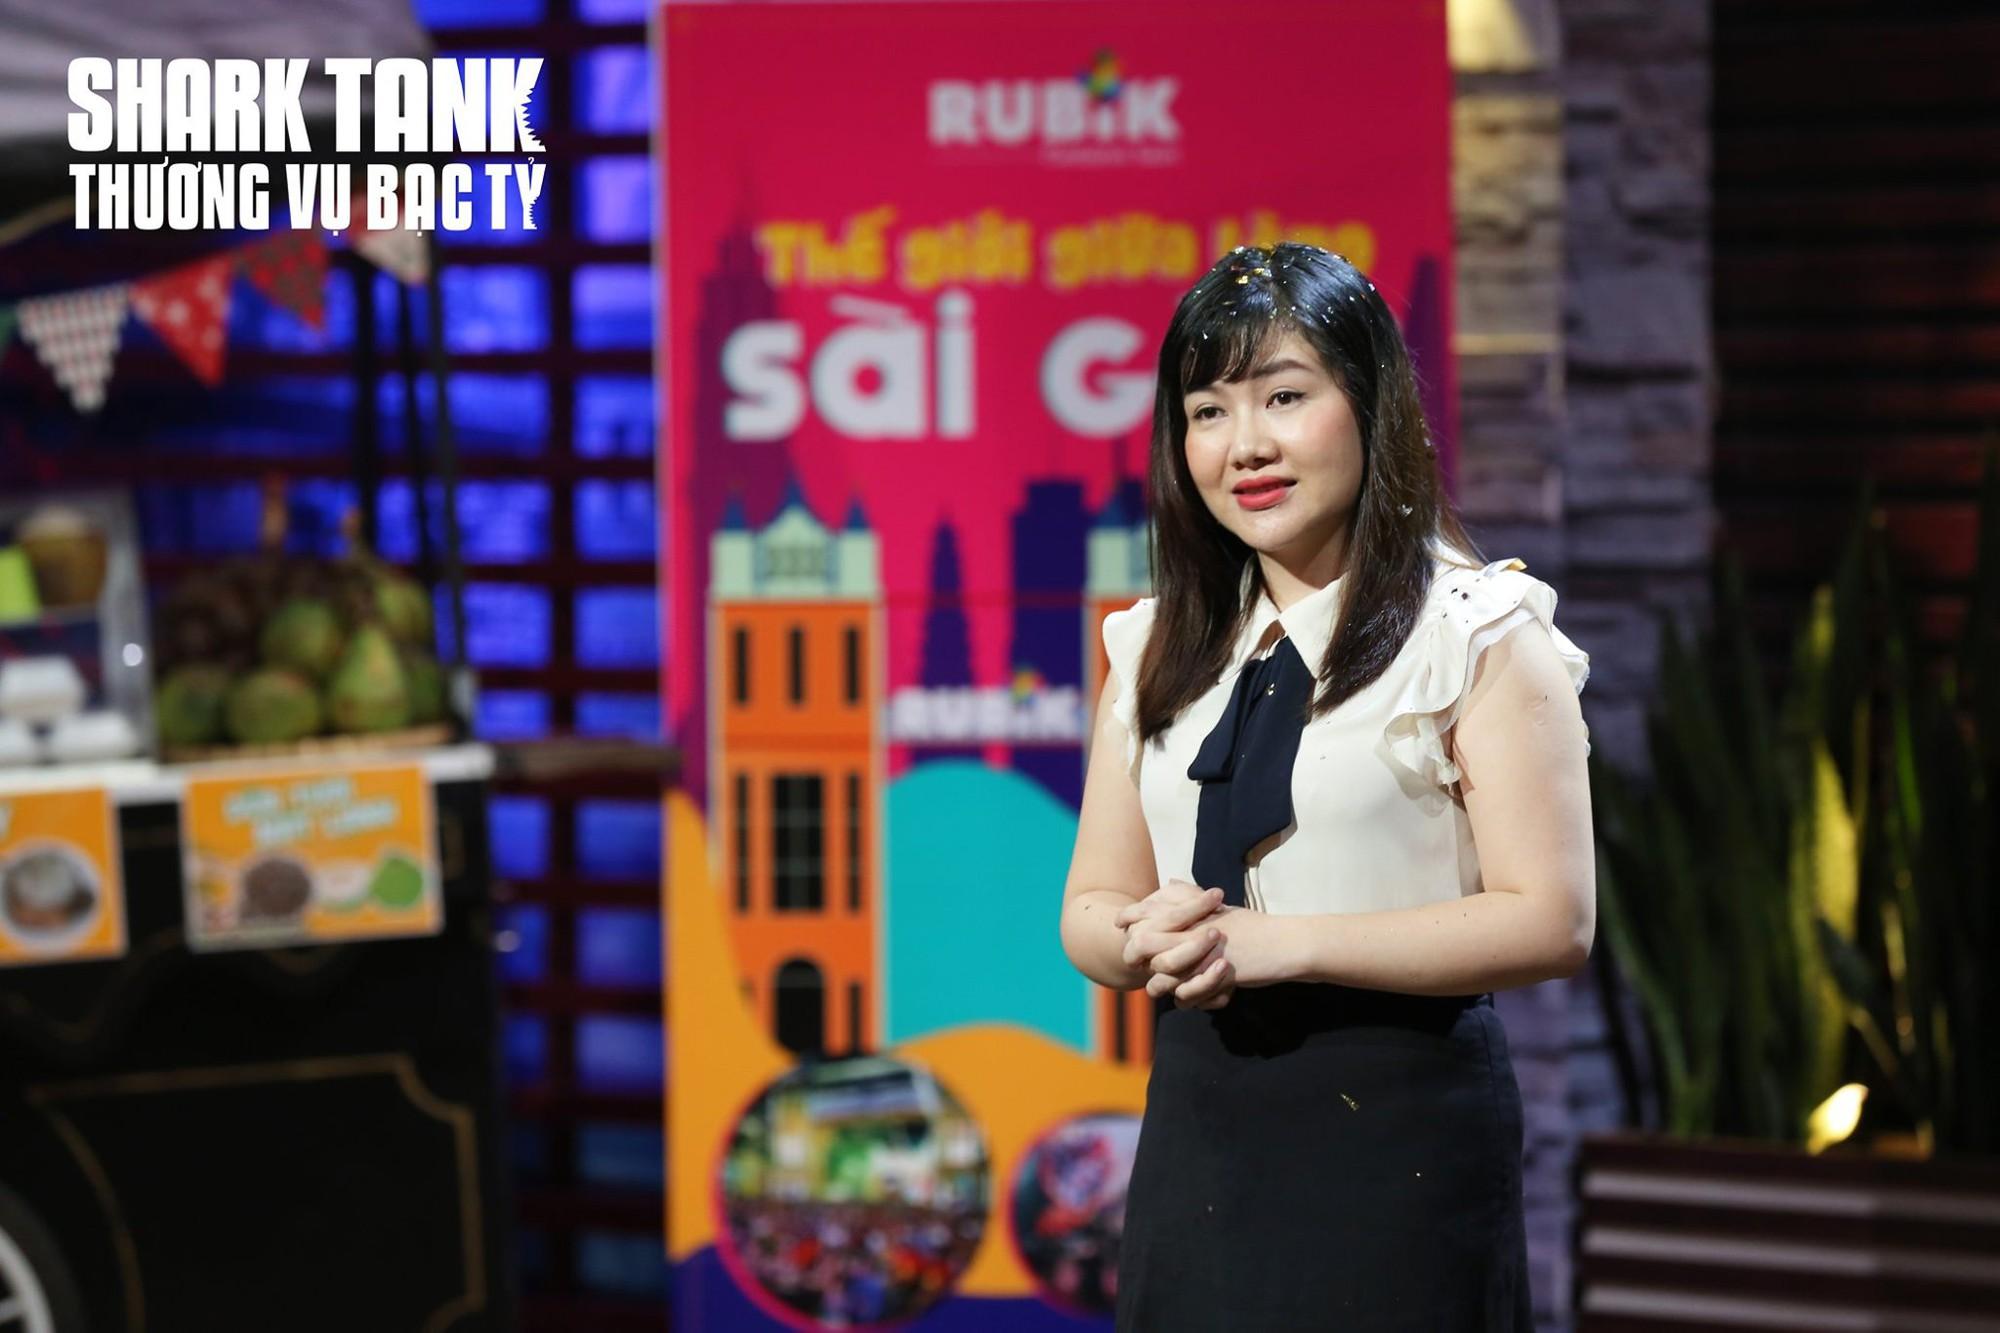 Lên Shark Tank Việt Nam gọi vốn 10 tỉ, startup nhận kết 'đắng' vì định giá không tưởng - Ảnh 1.